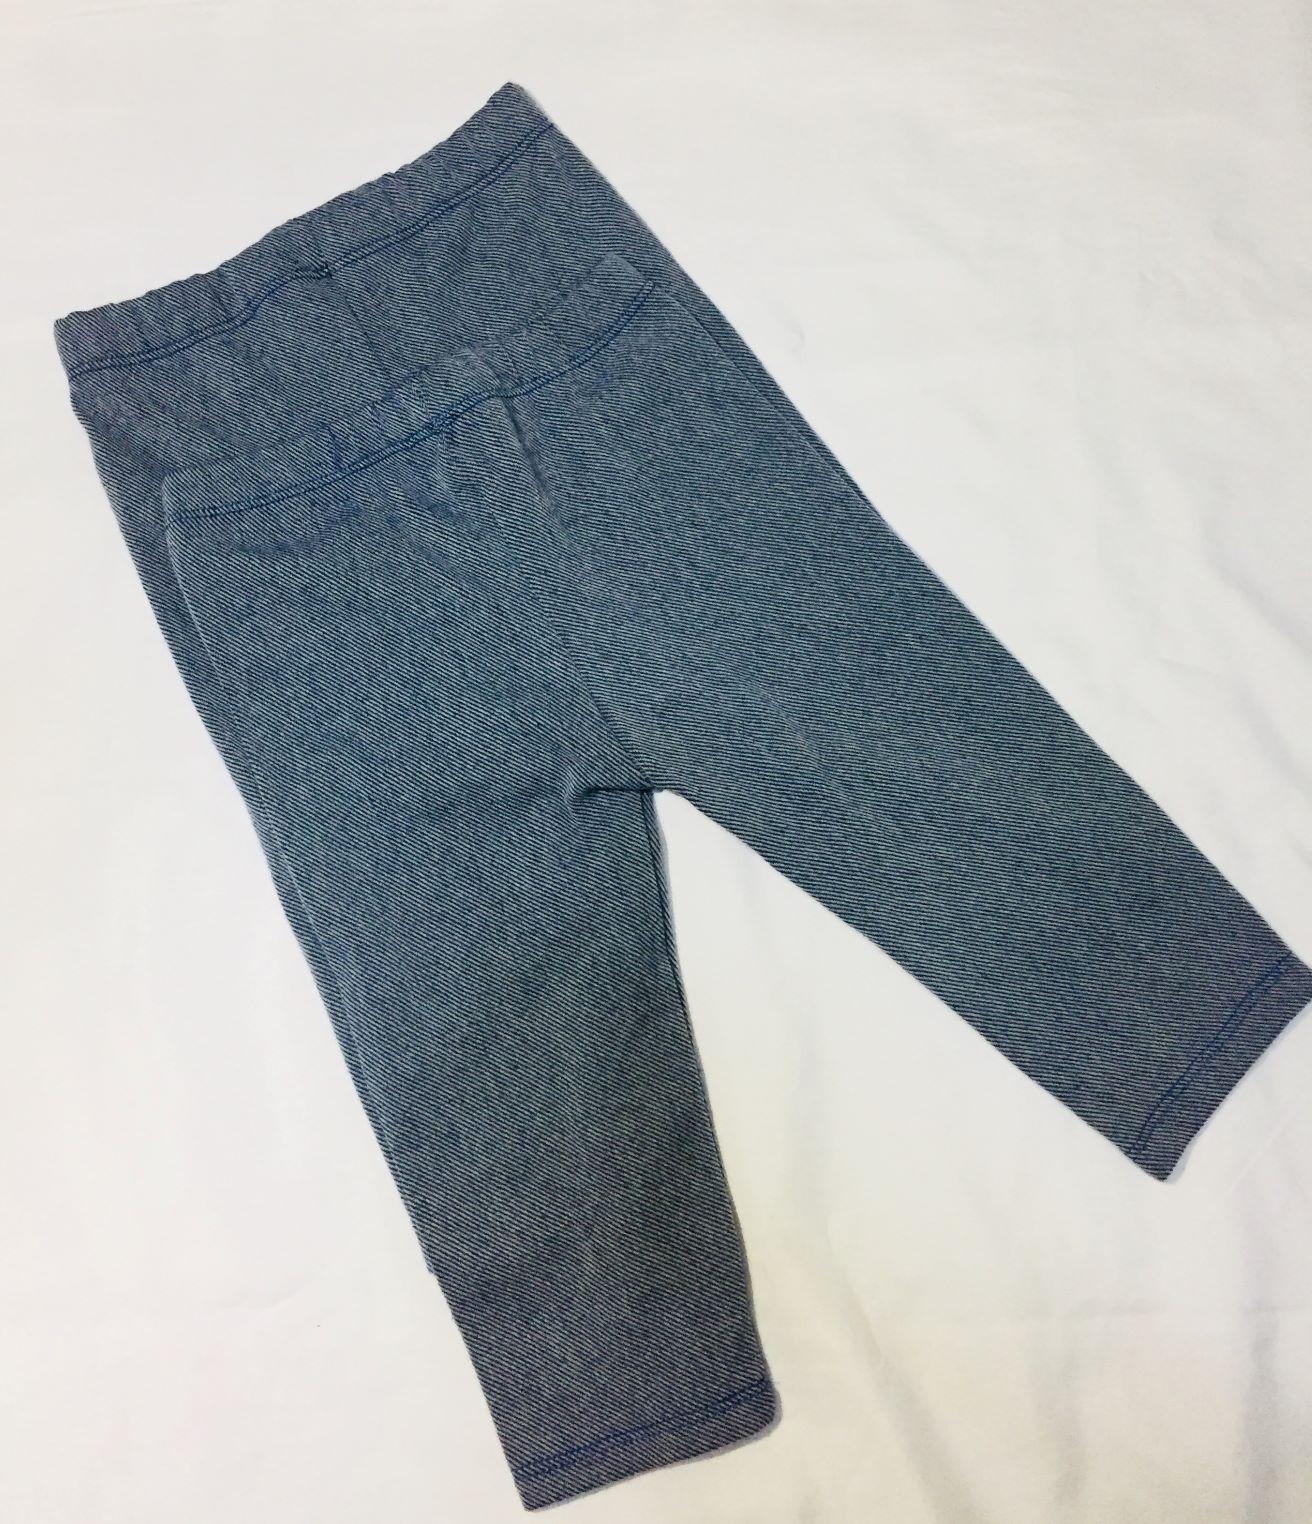 fd1c9f0919f0 Baby Girl Leggings for sale - Leggings for Girls online brands ...